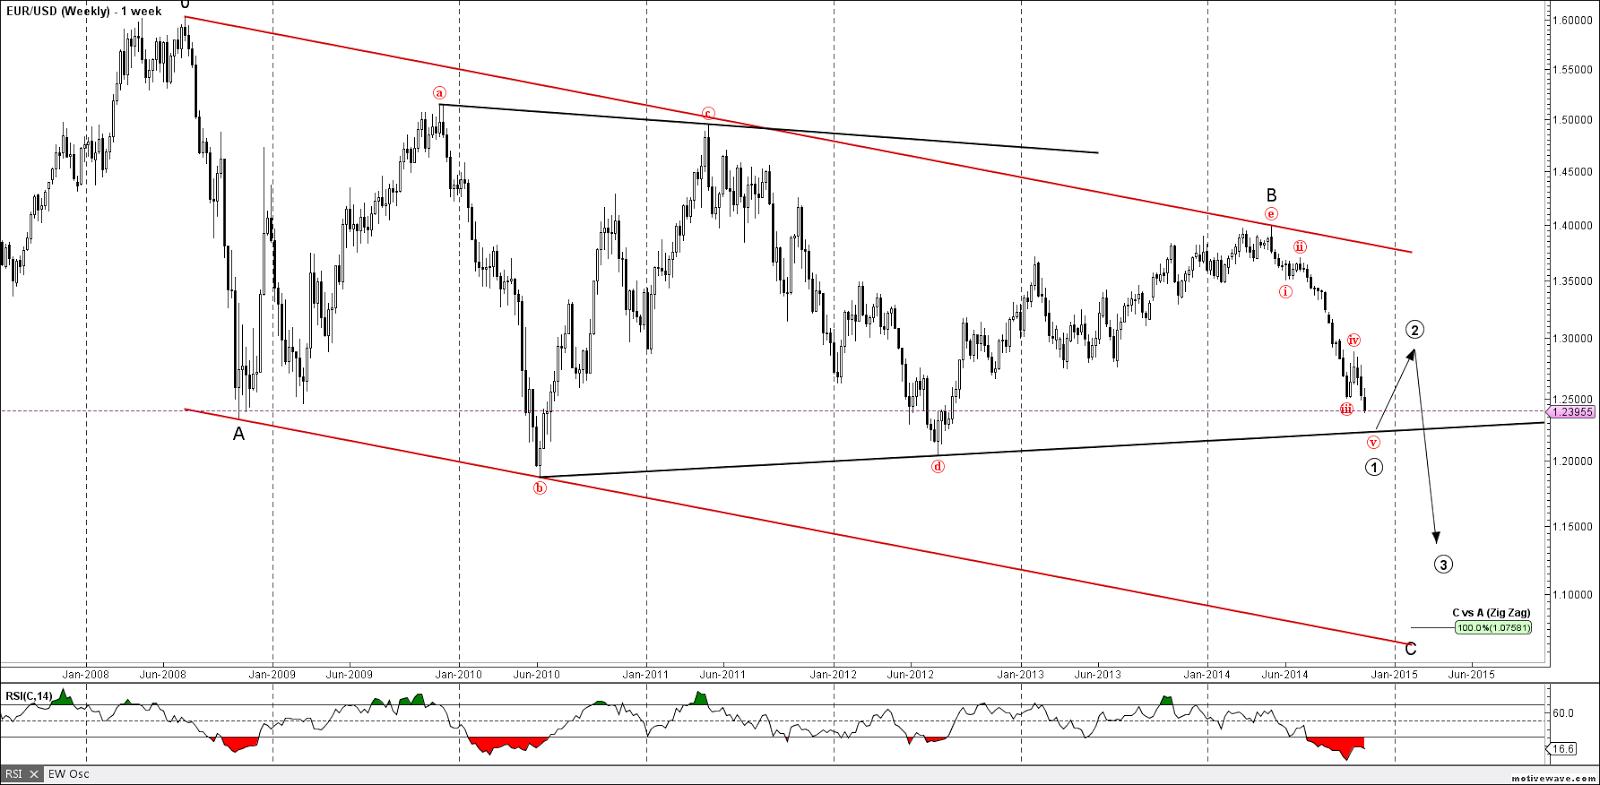 EURUSD Weekly Elliott Wave Chart